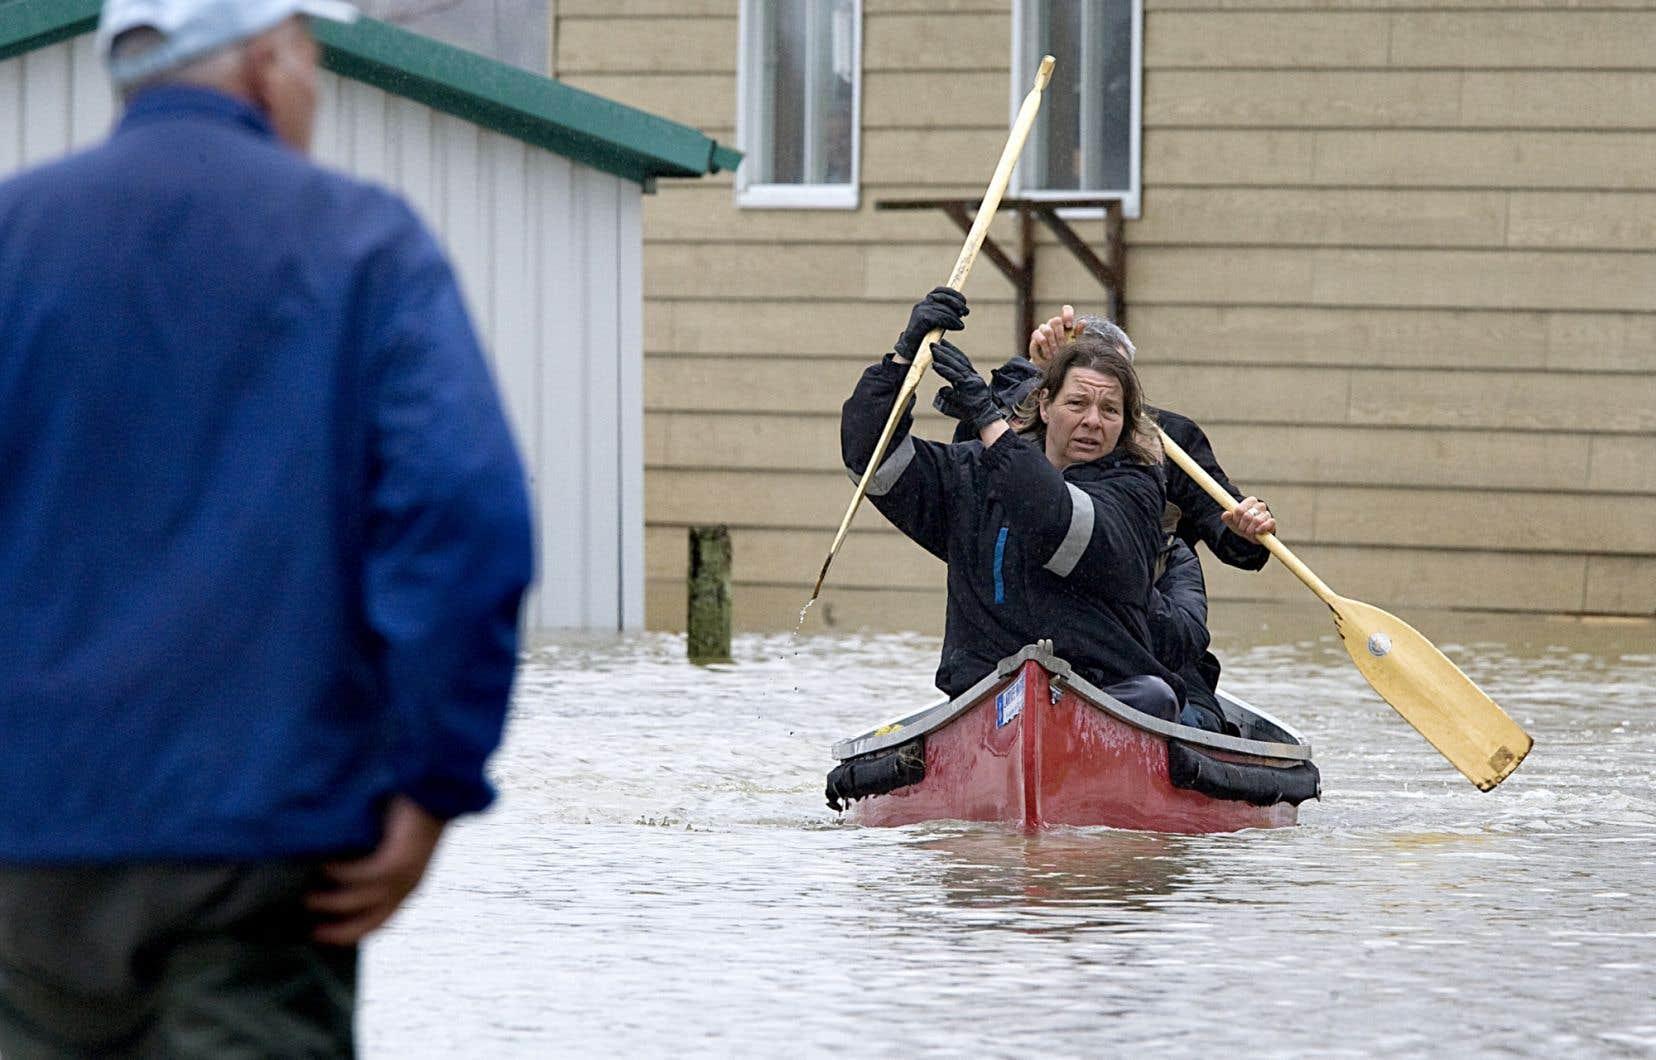 Une scène des inondations printanières survenues en Montérégie en 2011